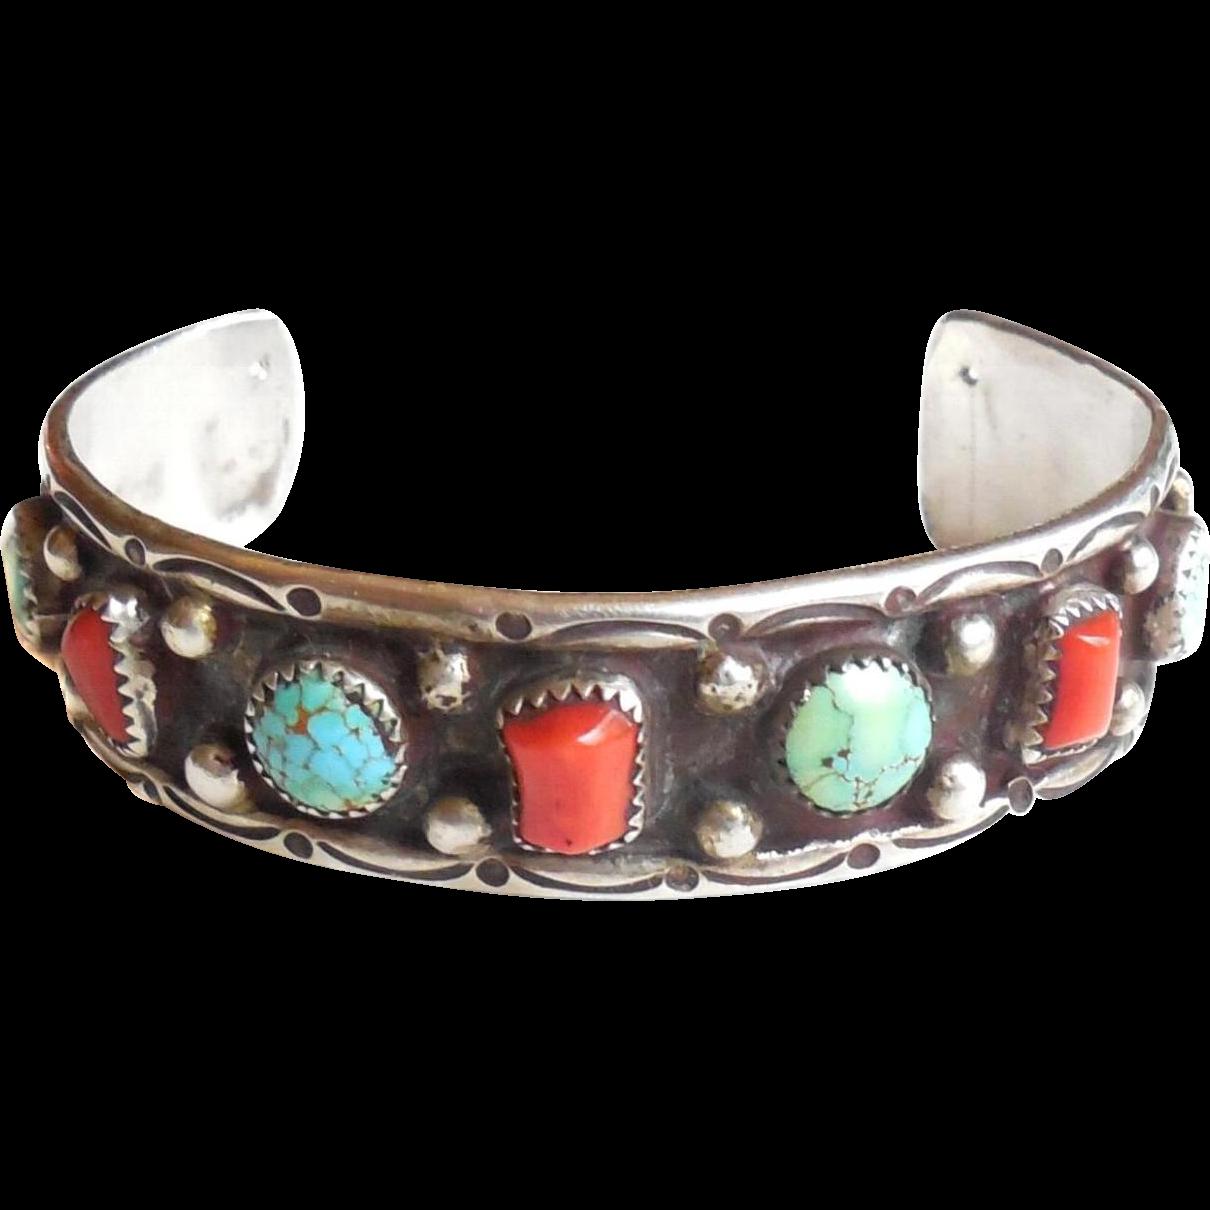 Native american navajo sterling silver turquoise cuff for Sterling silver navajo jewelry